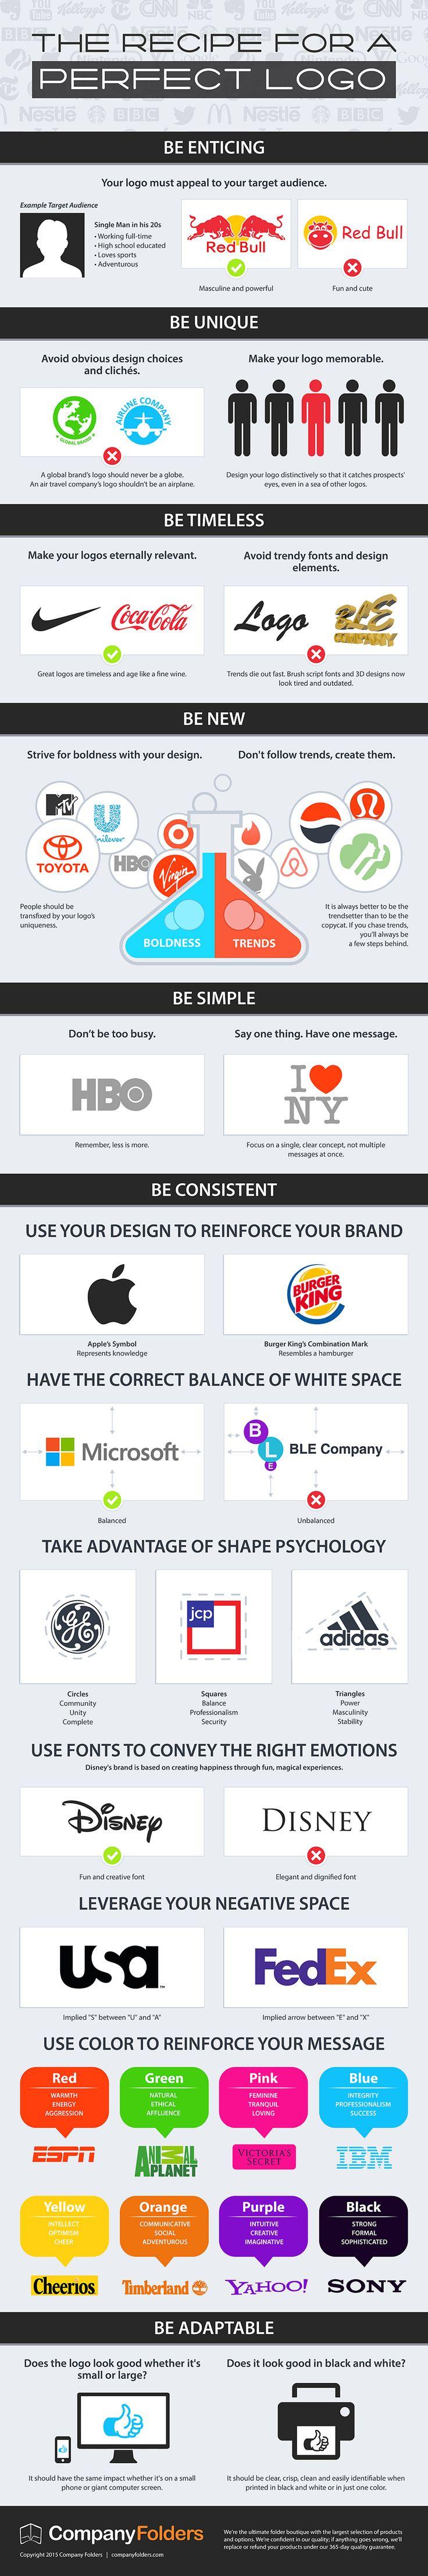 Das Rezept für ein perfektes Logo: Das sind die Zutaten, die du dafür brauchst